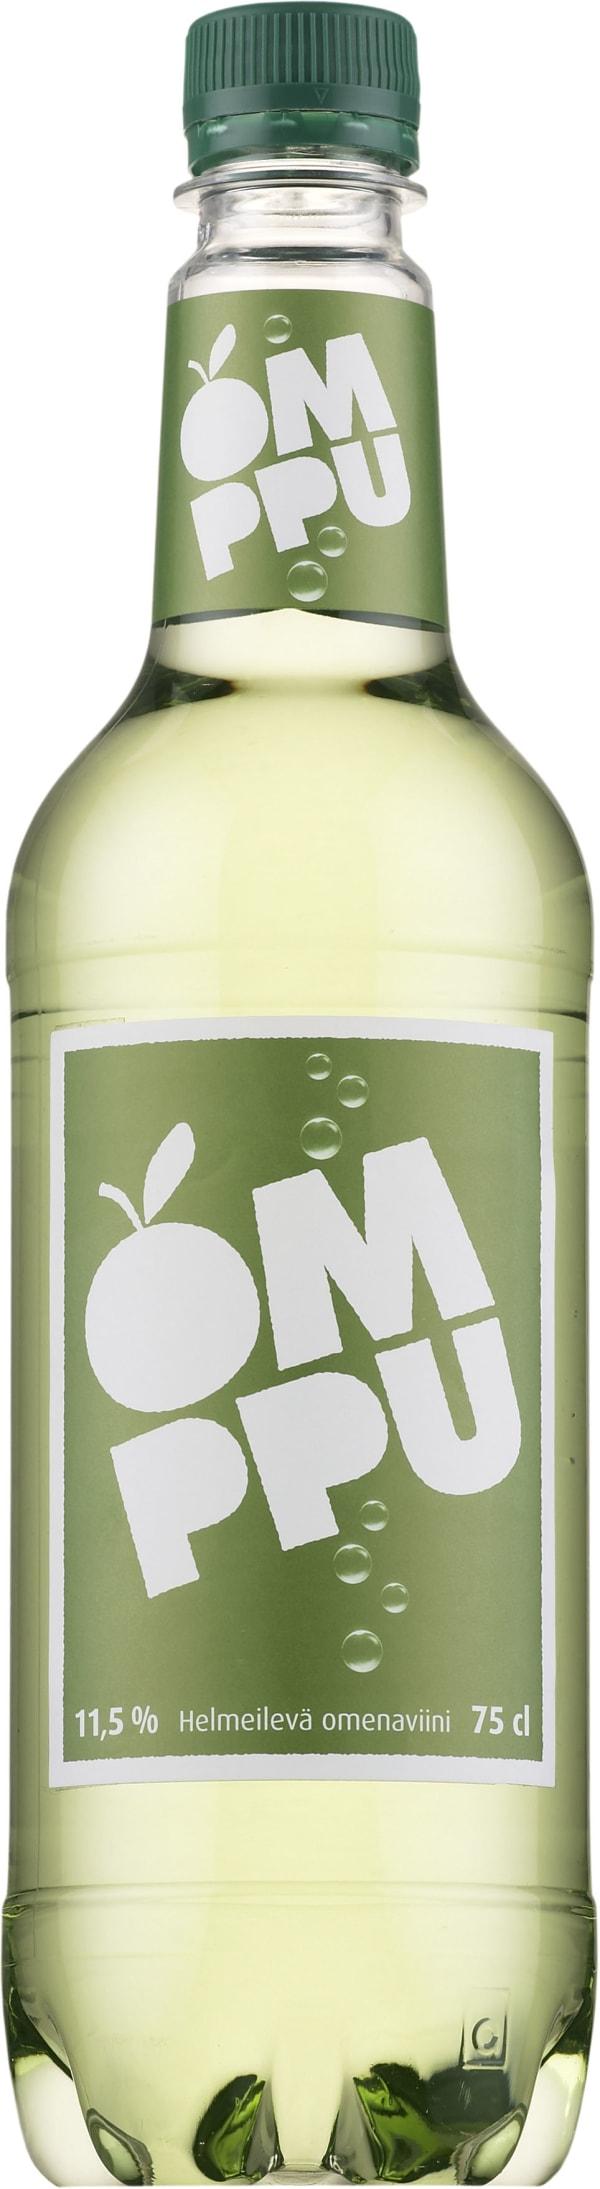 Omppu Helmeilevä Omenaviini  plastic bottle